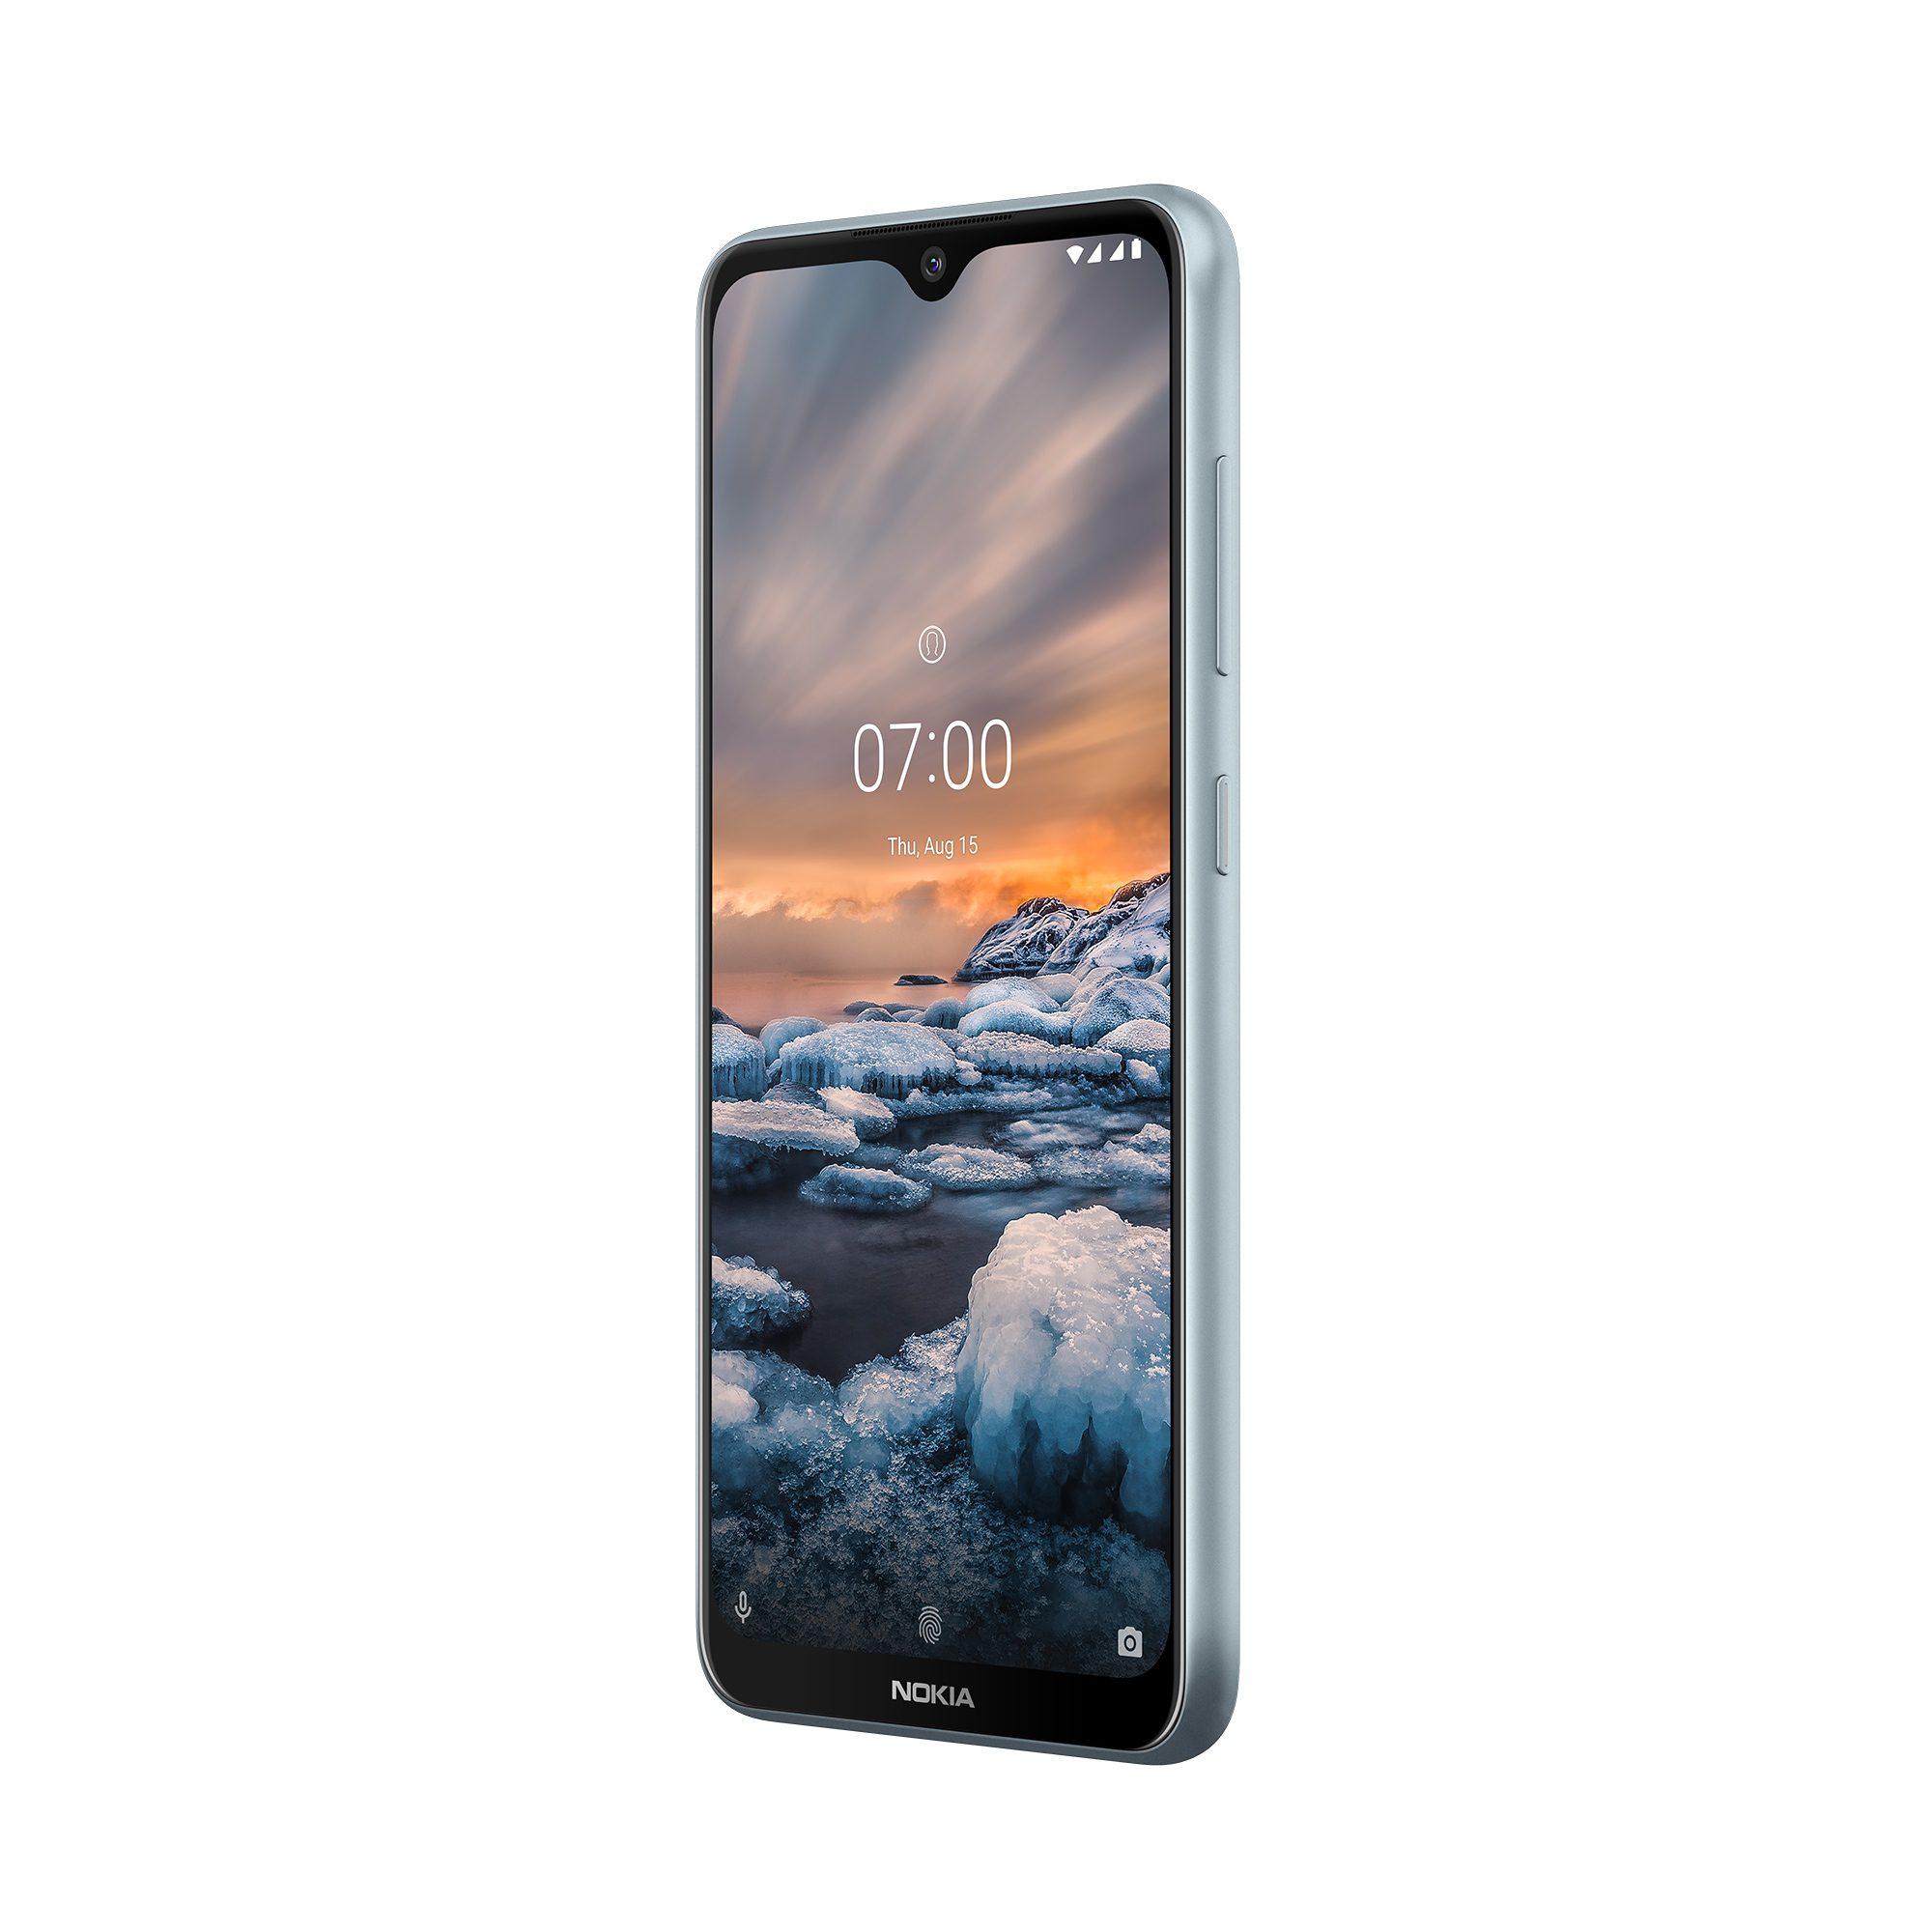 [303163]Nokia7.2IceDSrightquarter